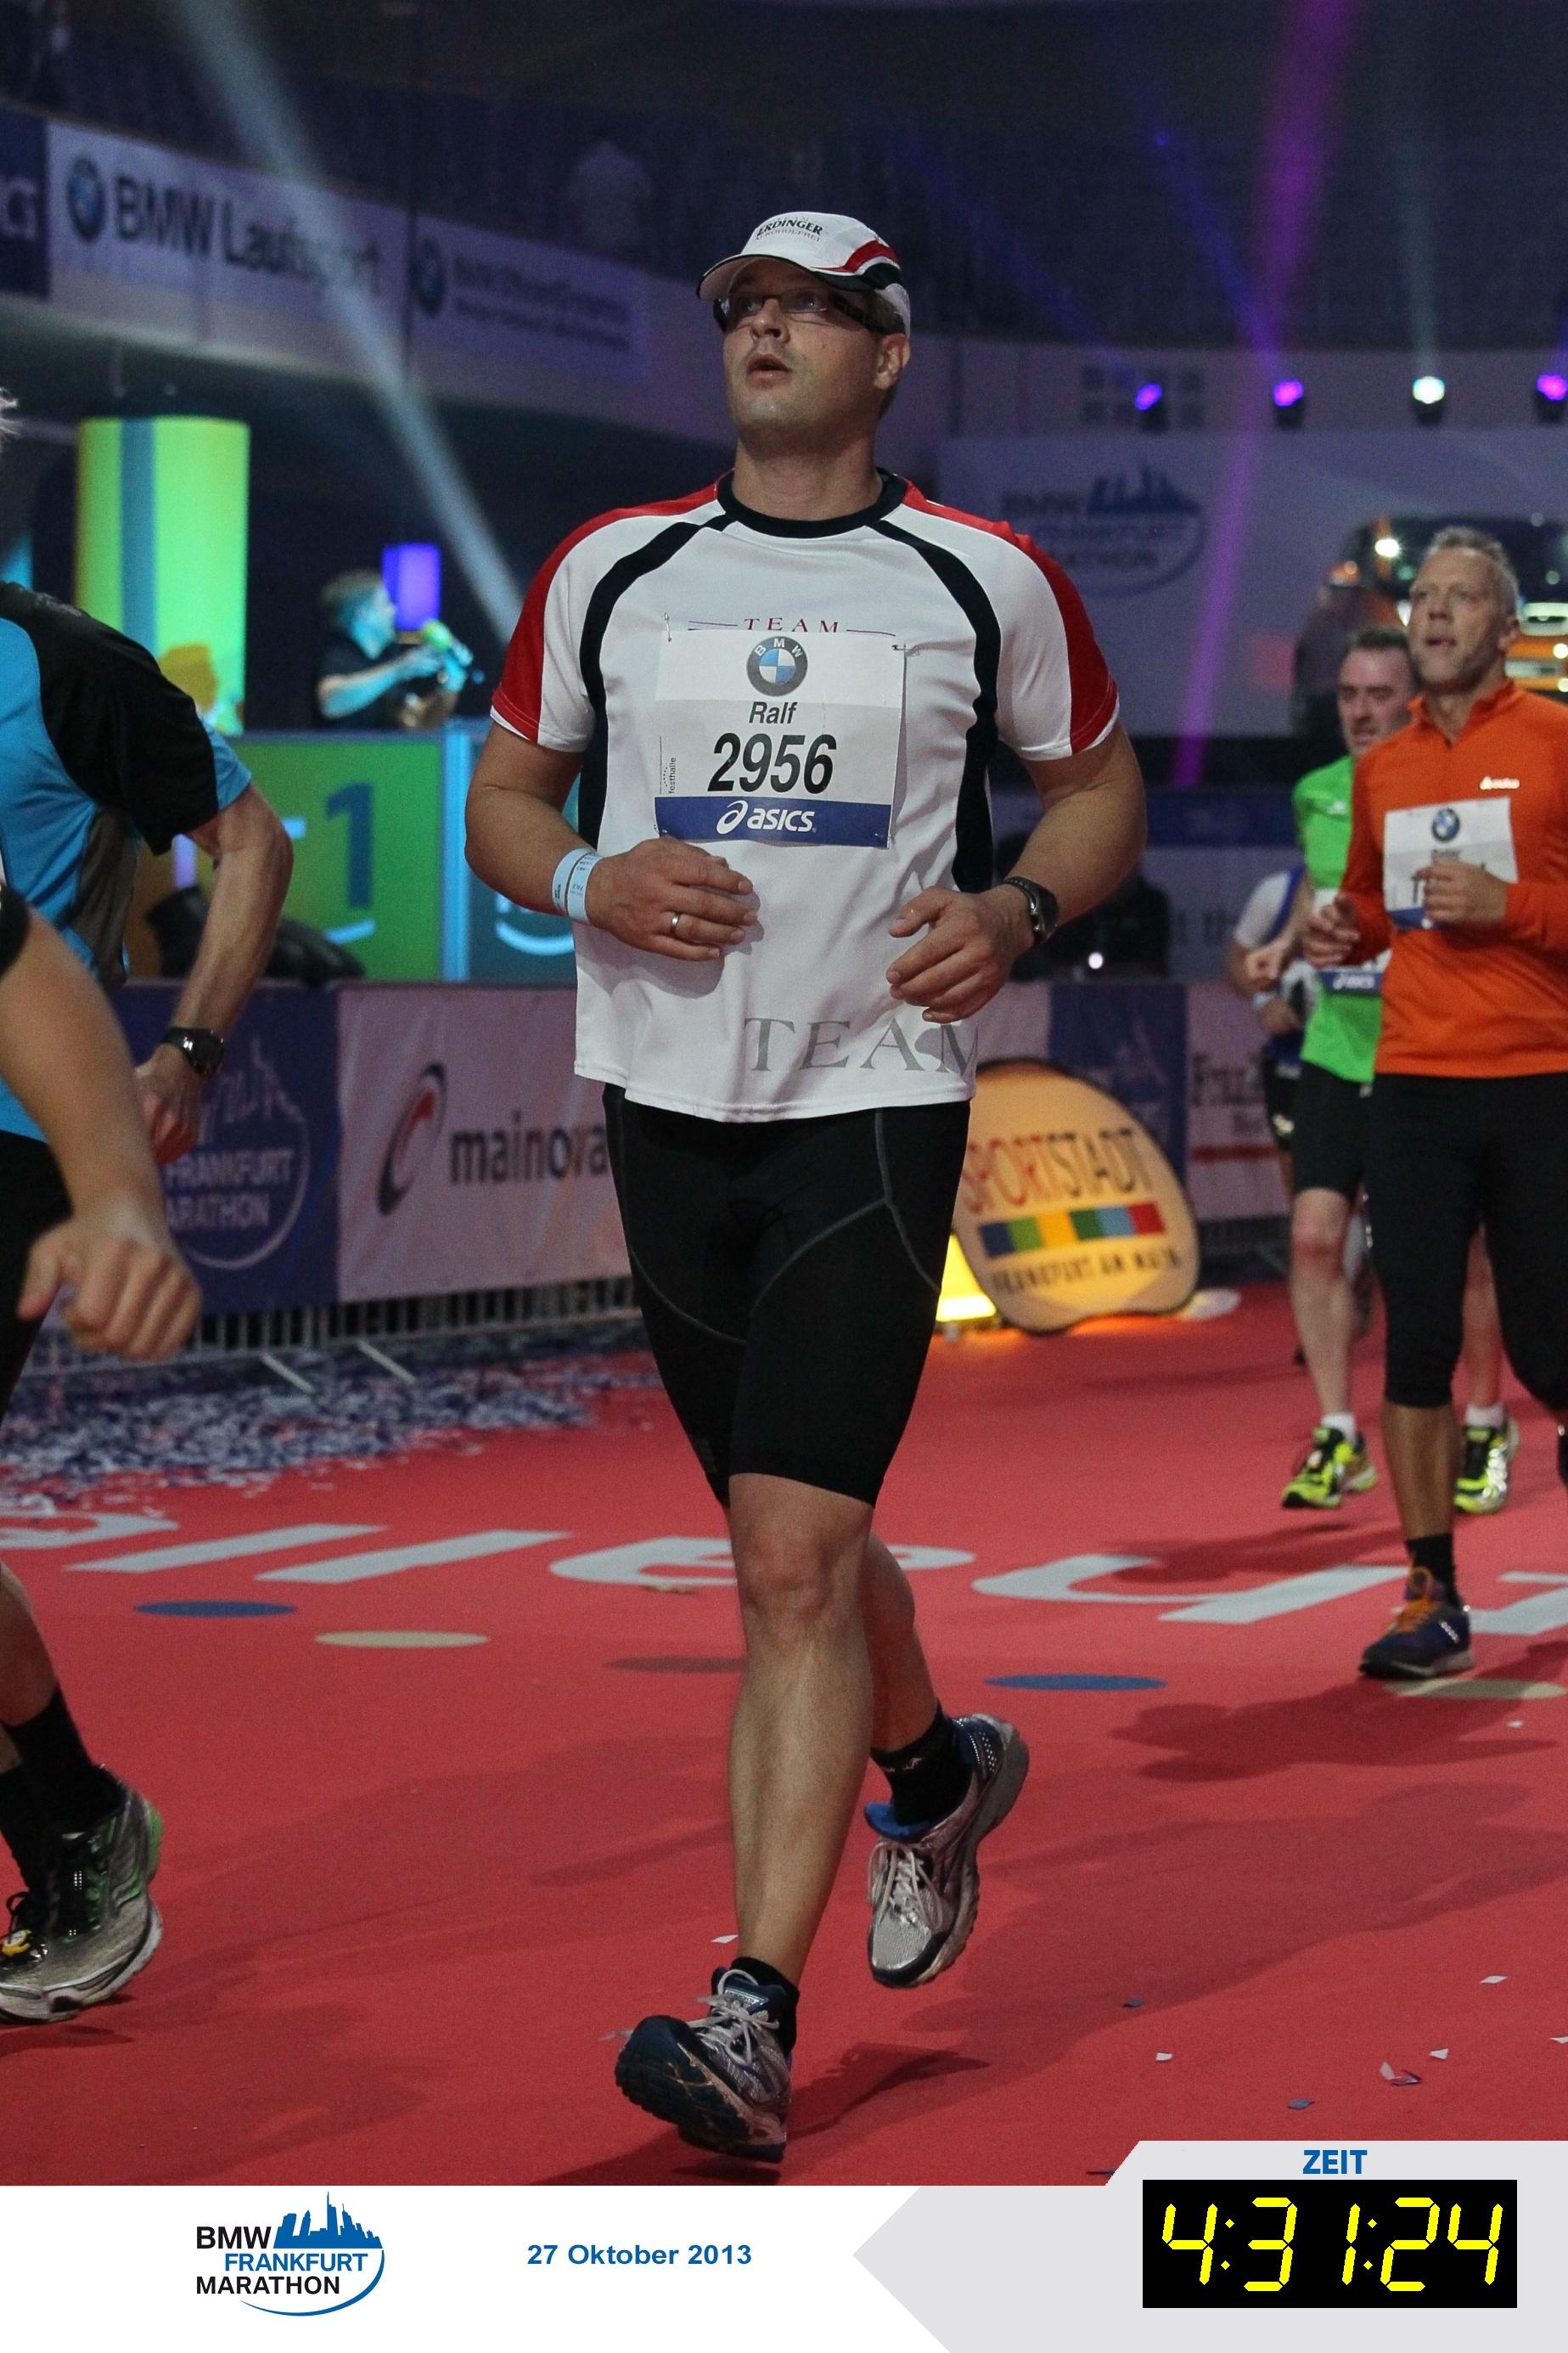 Zieleinlauf BMW Frankfurt Marathon 2013